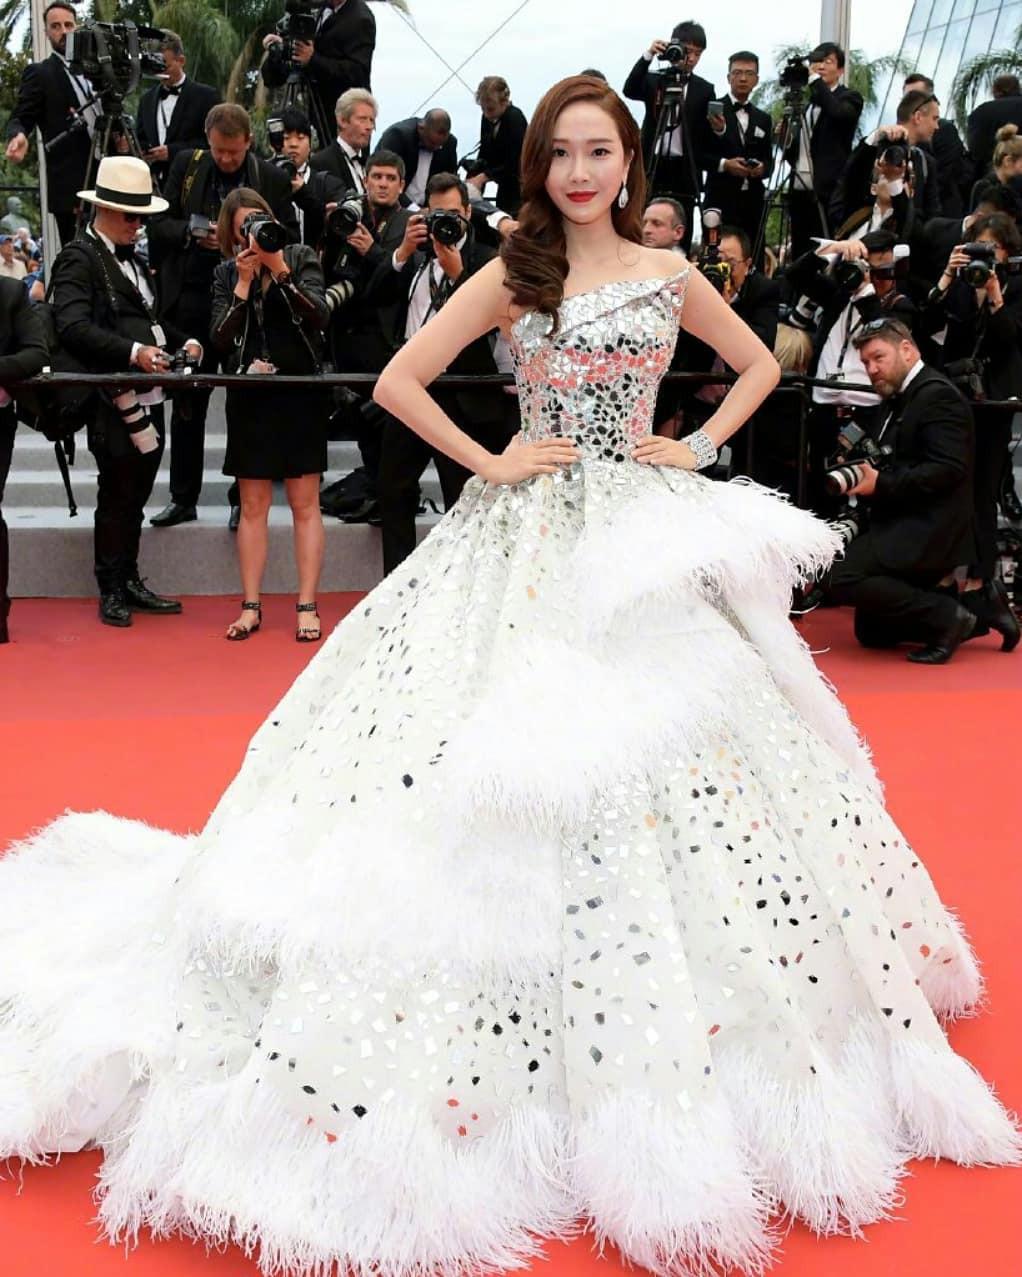 Ham váy vóc tùng xòe, Jessica suýt ngã và phải nhờ 2 người nâng váy tại thảm đỏ Cannes 2019 - Ảnh 1.